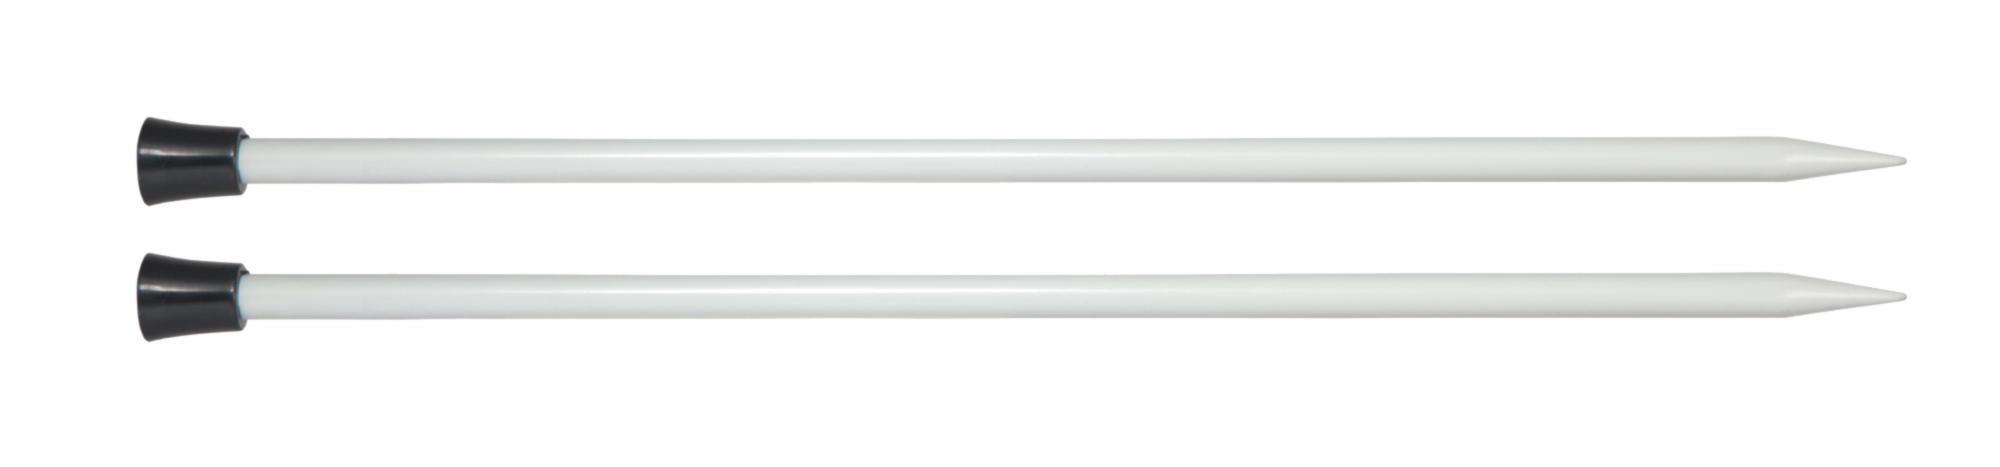 Спицы прямые 40 см Basix Aluminium KnitPro, 45284, 3.50 мм